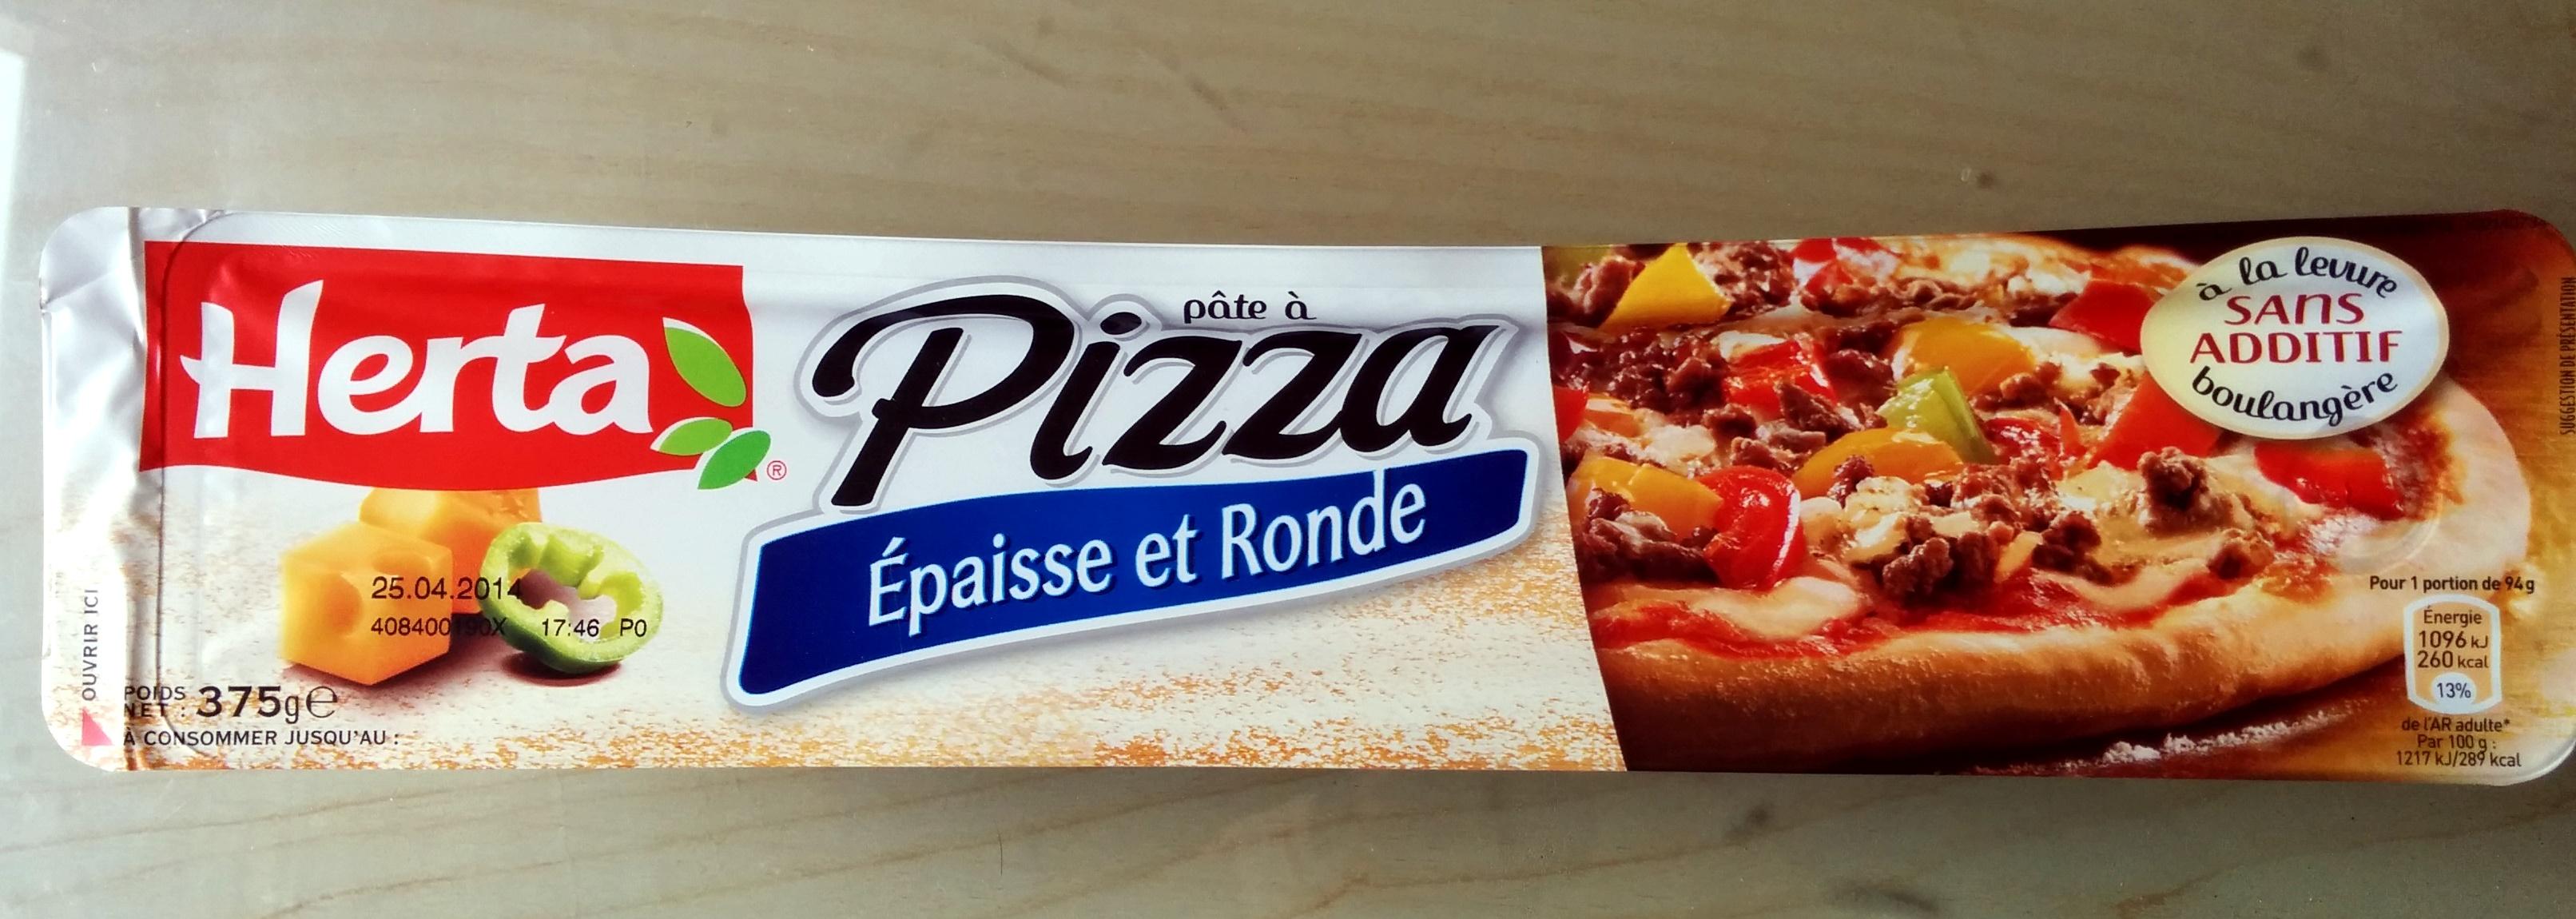 Pâte à pizza Epaisse et Ronde - Produit - fr